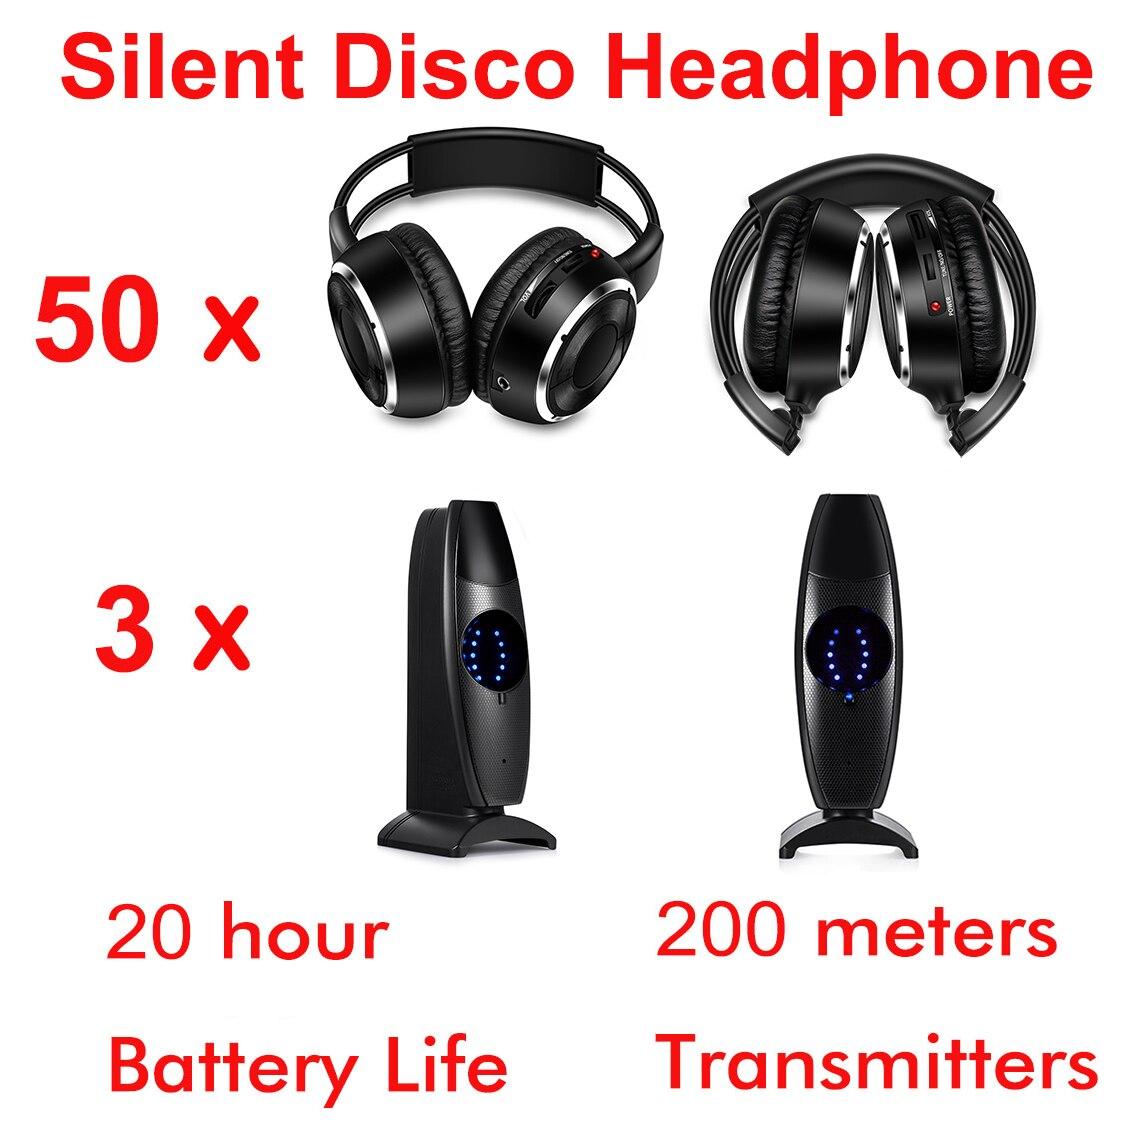 نظام ديسكو صامت كامل ، سماعات رأس لاسلكية قابلة للطي ، مجموعة حفلات ديسكو صامتة (50 سماعة و 3 أجهزة إرسال)